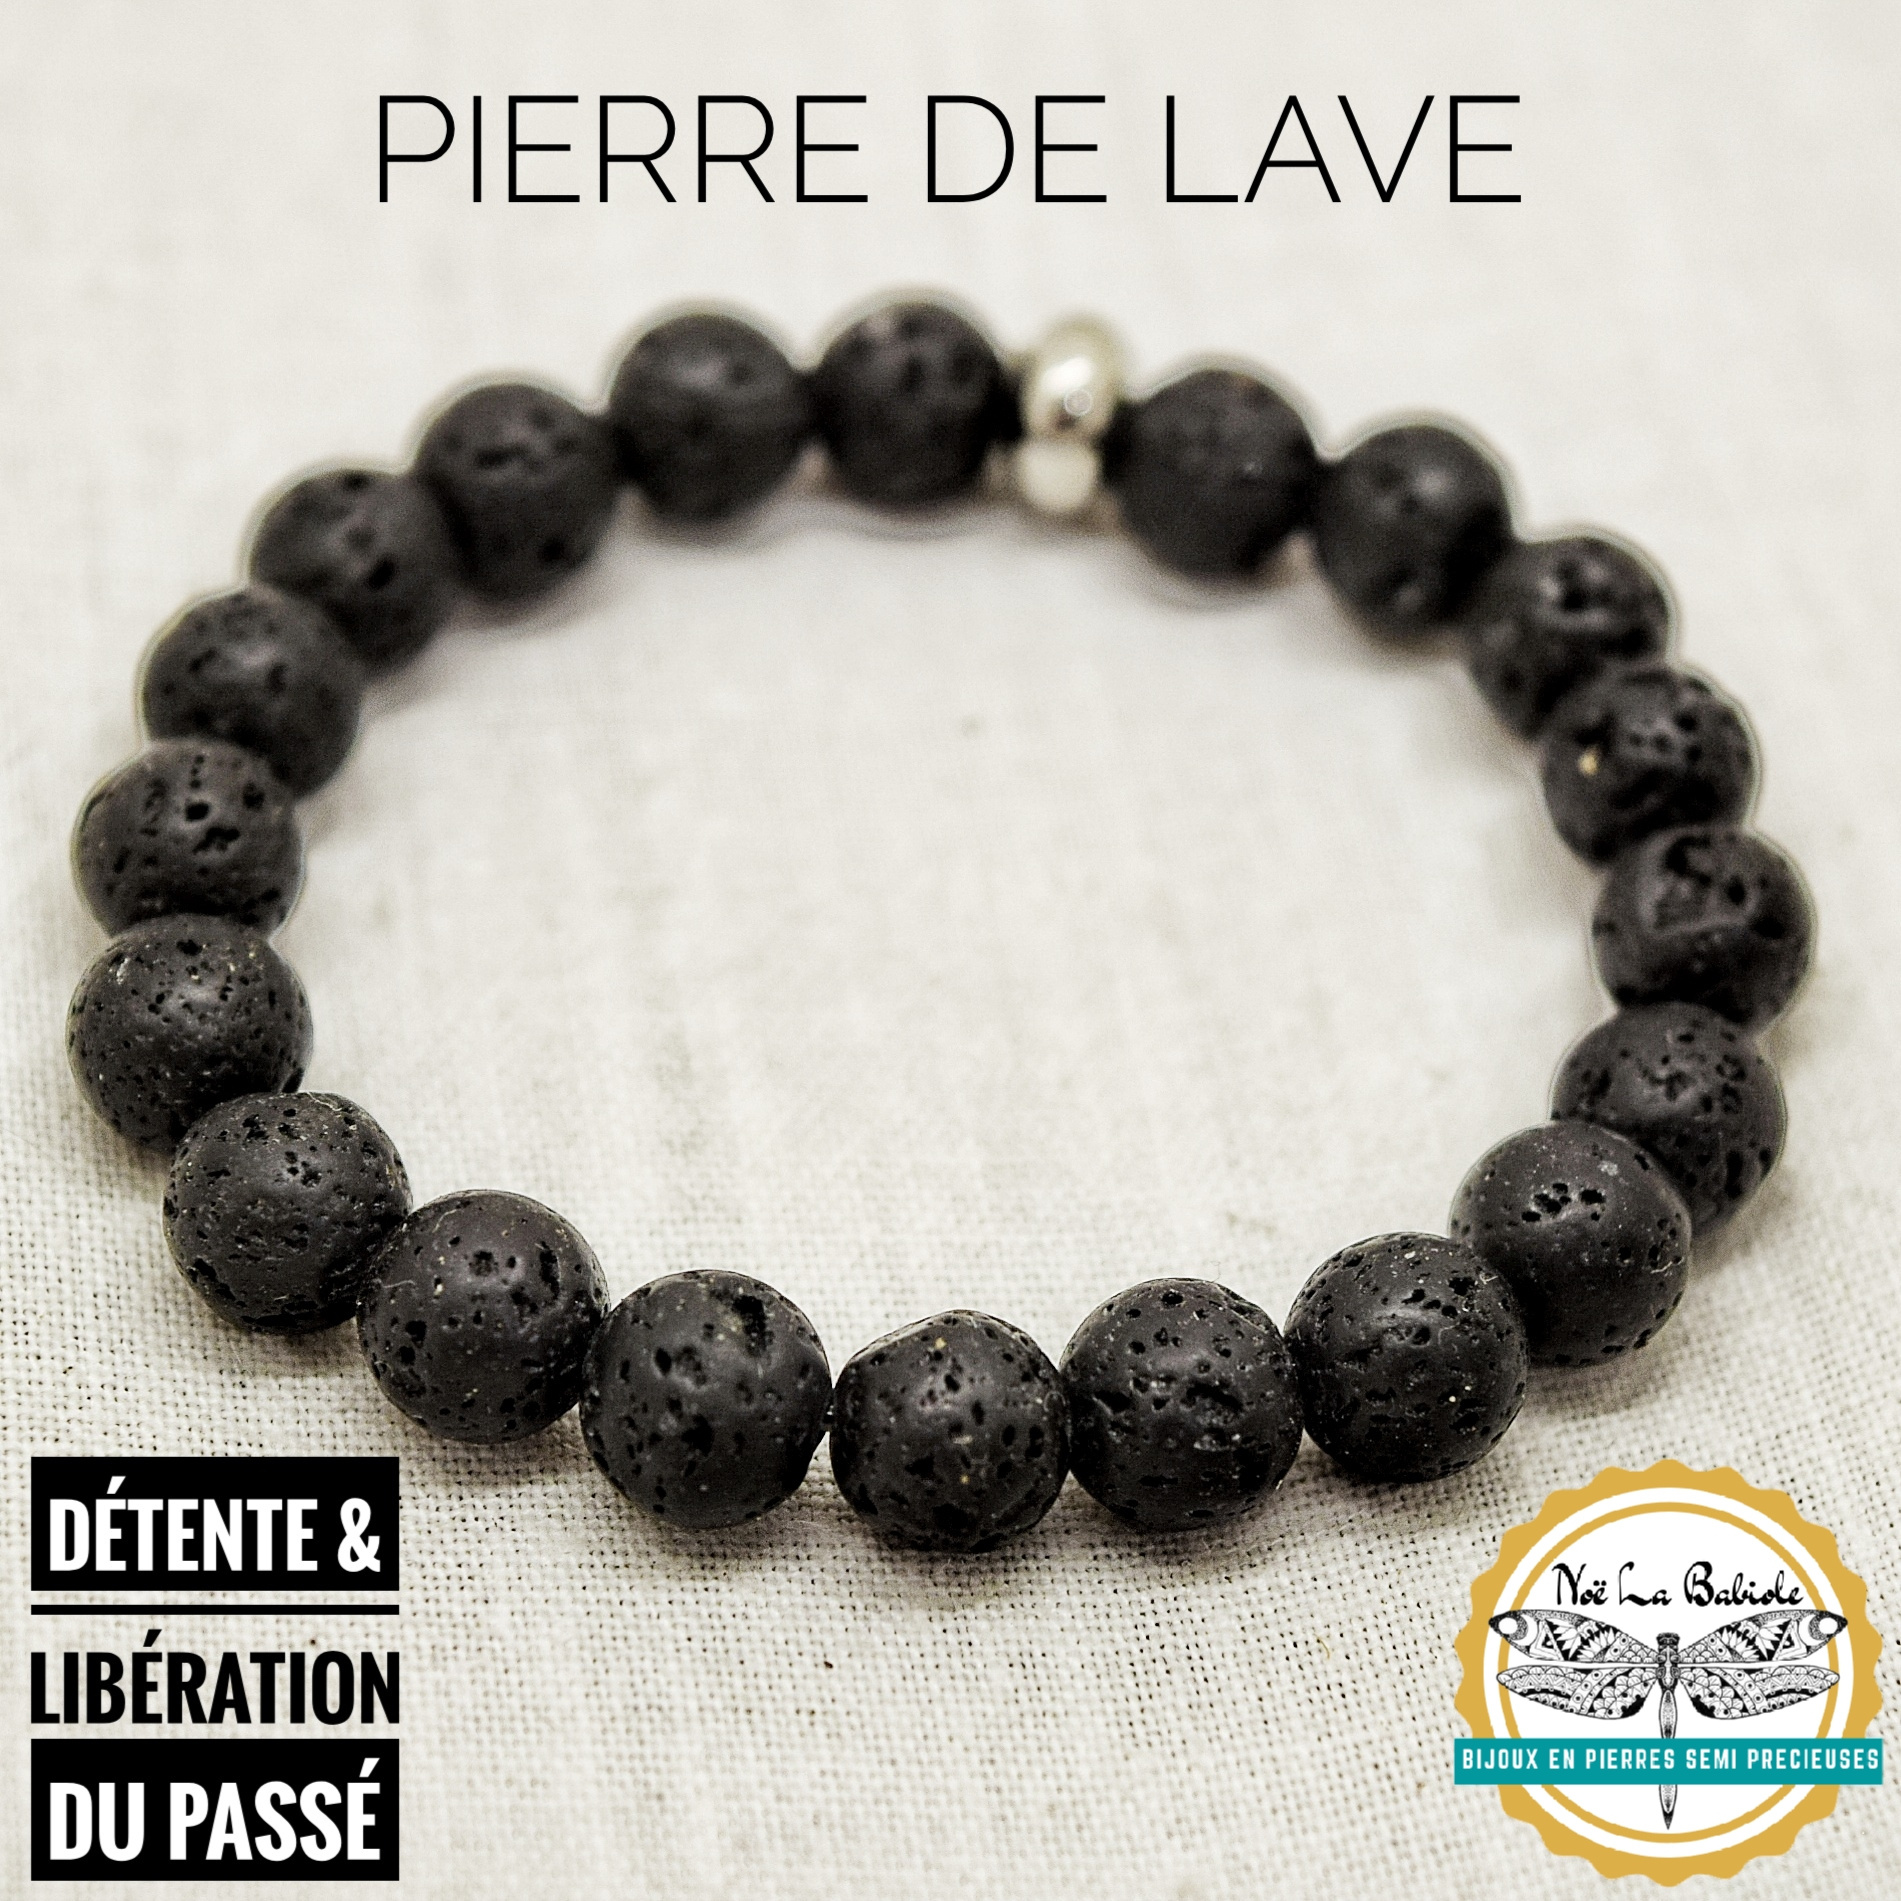 Bracelet Absorbeur de colère & Détente en Pierre de lave